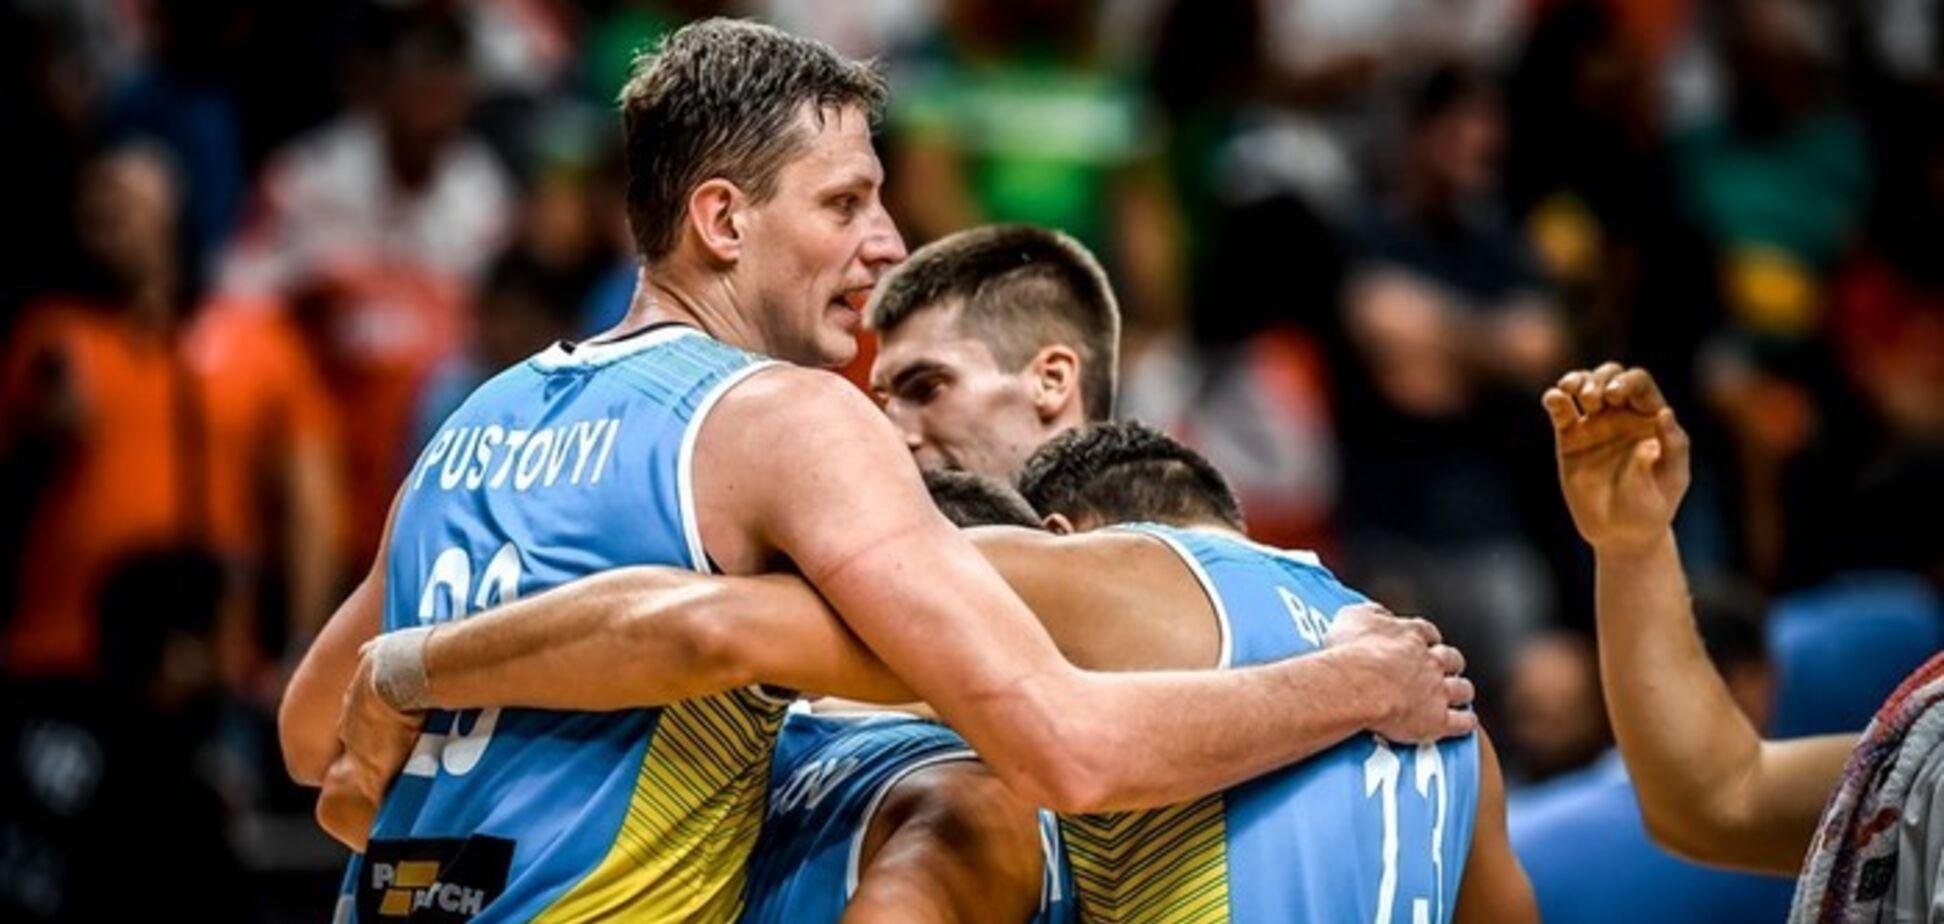 Збірна України зберегла місце в топ-20 світового рейтингу ФІБА